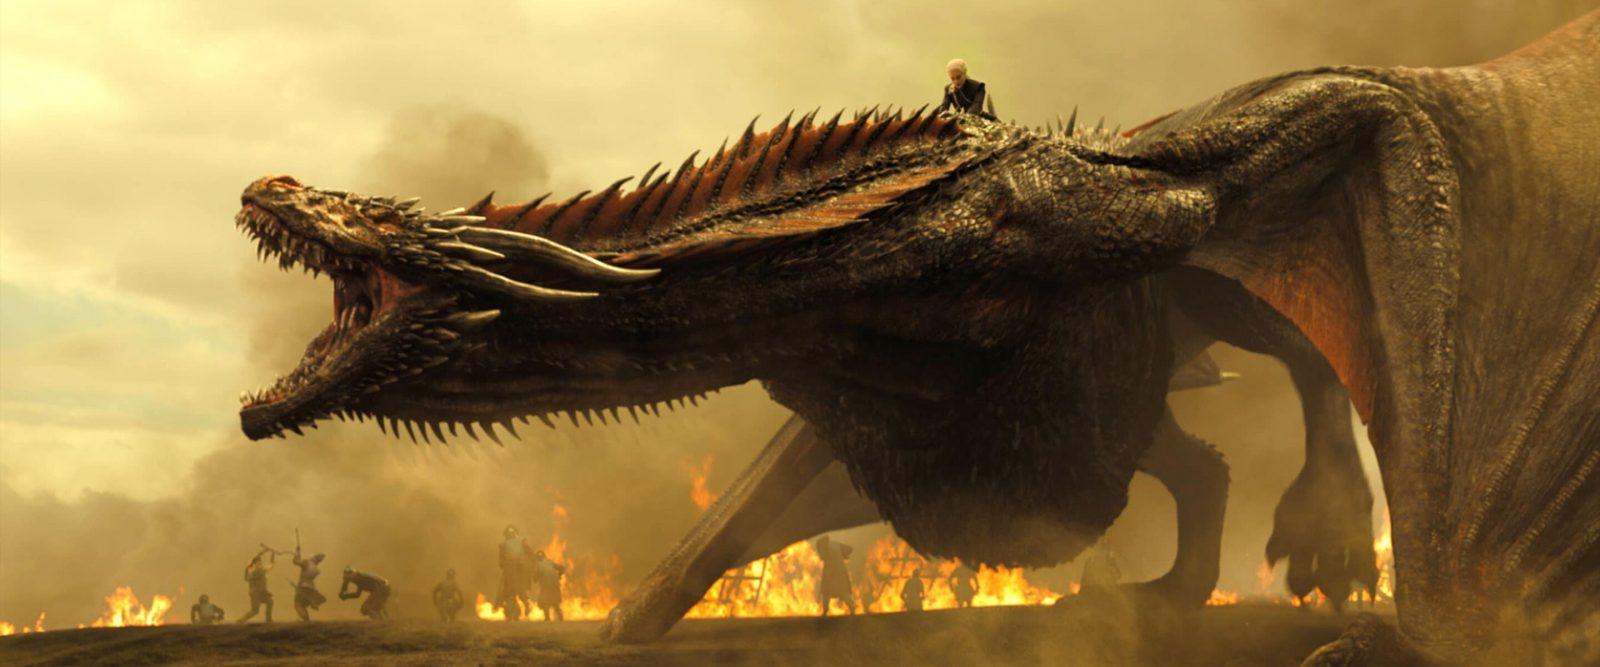 Сериал-приквел «Игры престолов» нашел своего короля